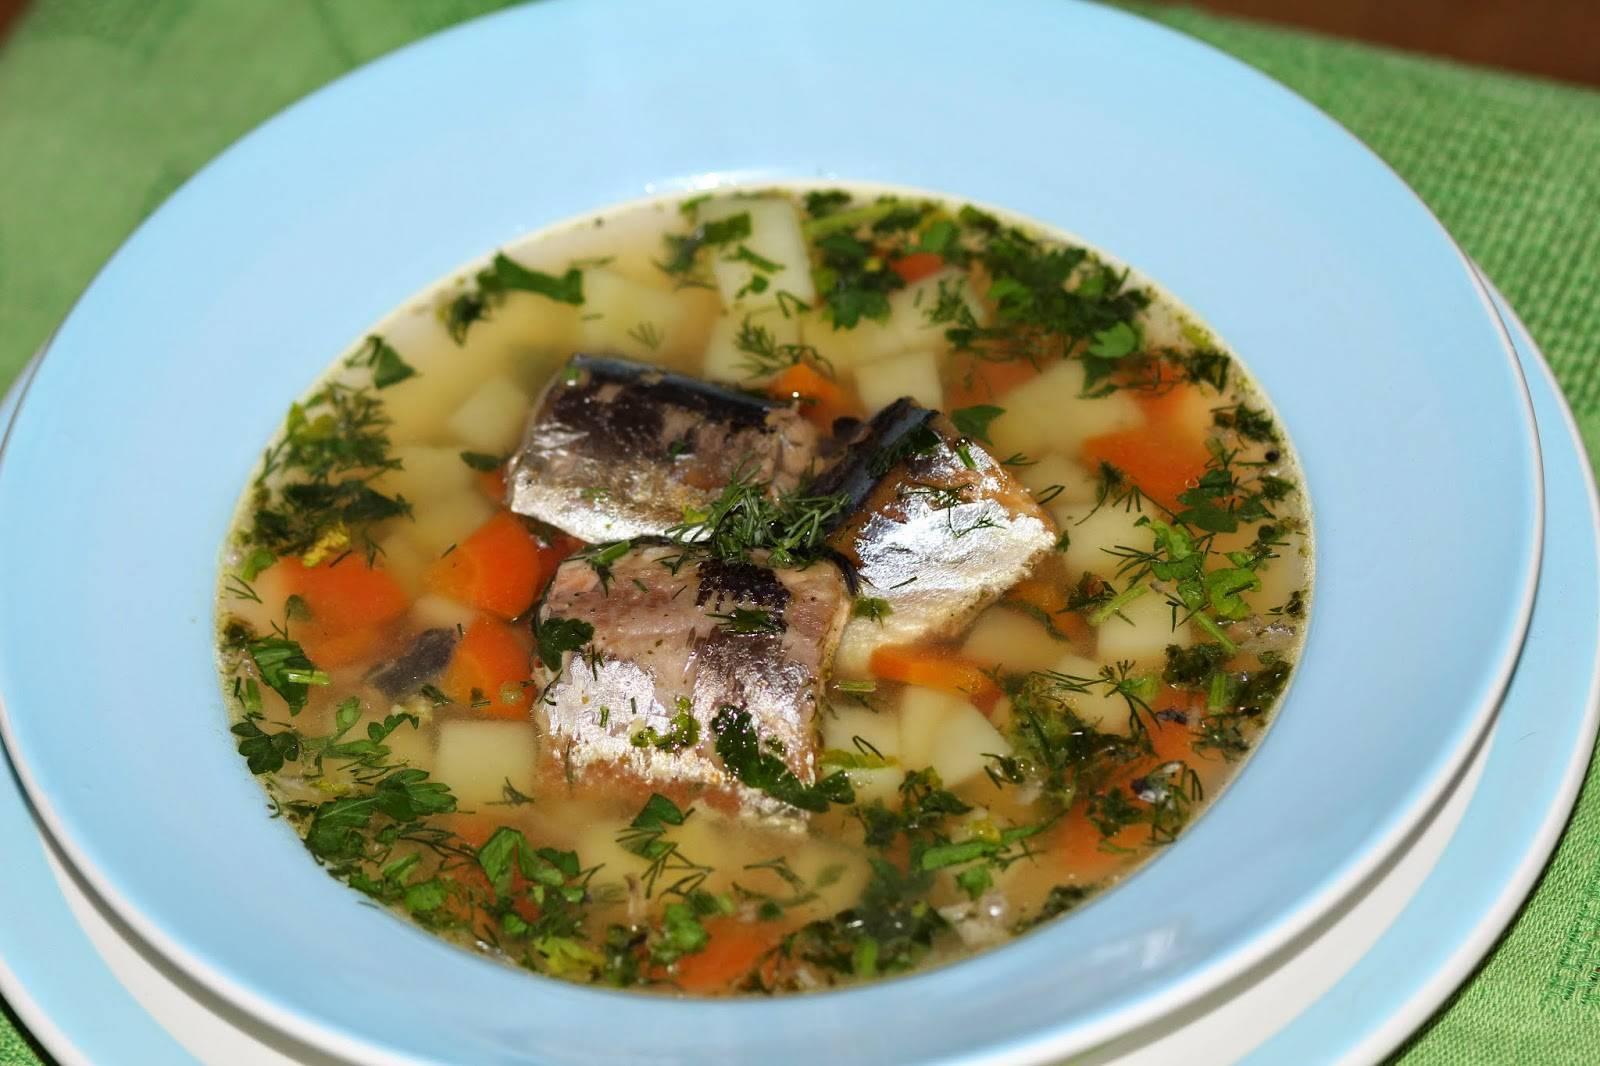 Суп из сайры на наваристом овощном бульоне с томатом и зеленью